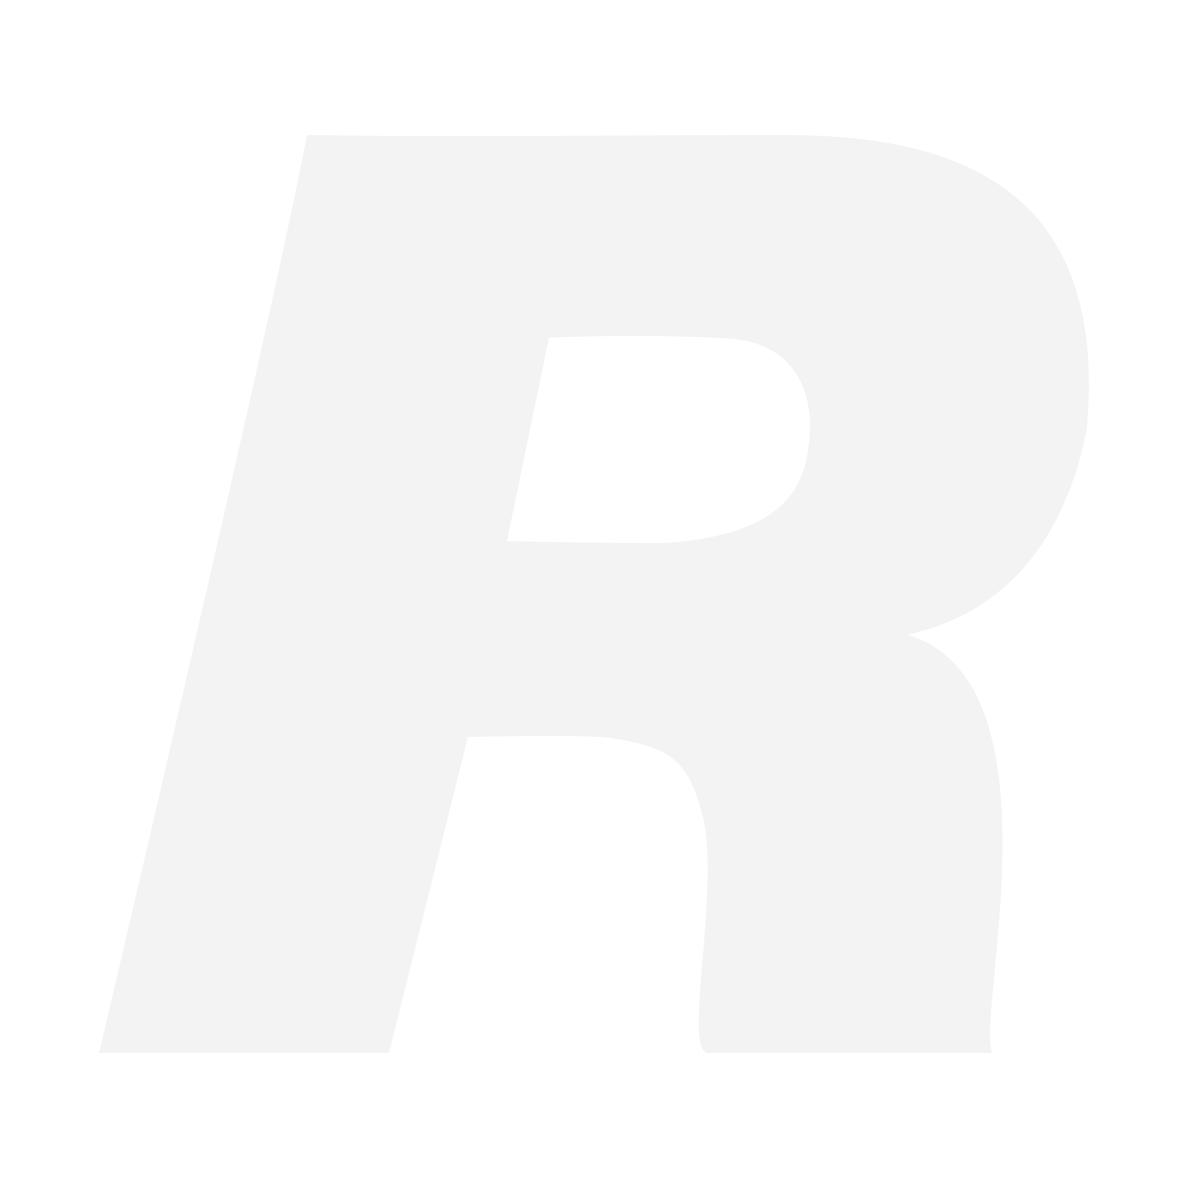 Manfrotto Nitrotech N12 videopää + 545B jalusta Kit (MVKN12TWINM)